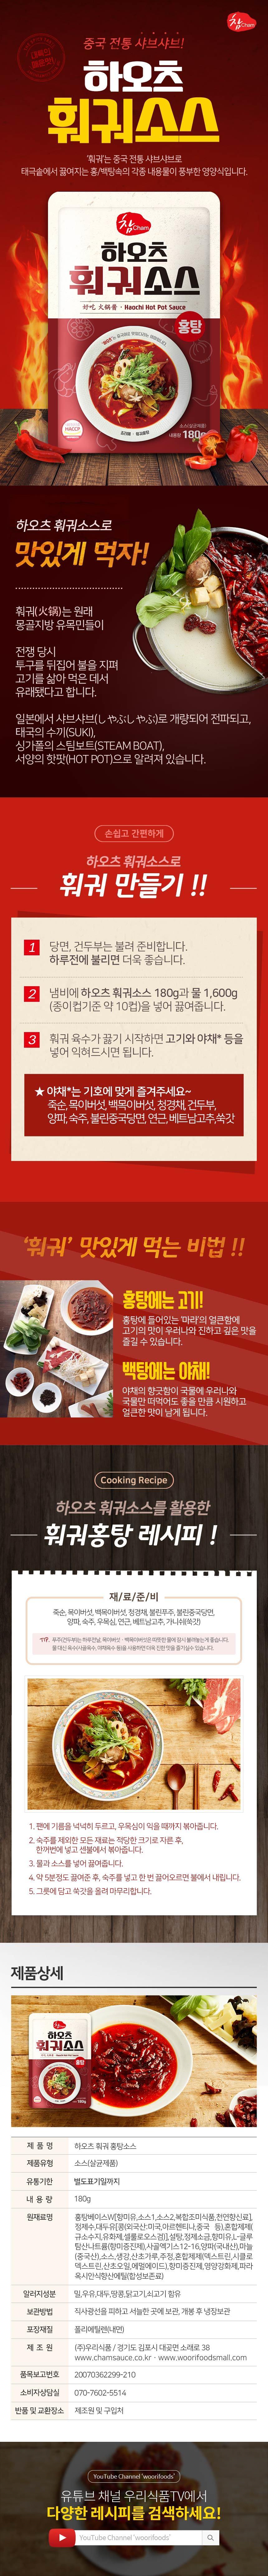 하오츠 홍탕 마라훠궈소스 훠궈 마라소스 - 훠궈먹는날, 3,700원, 소스, 소스